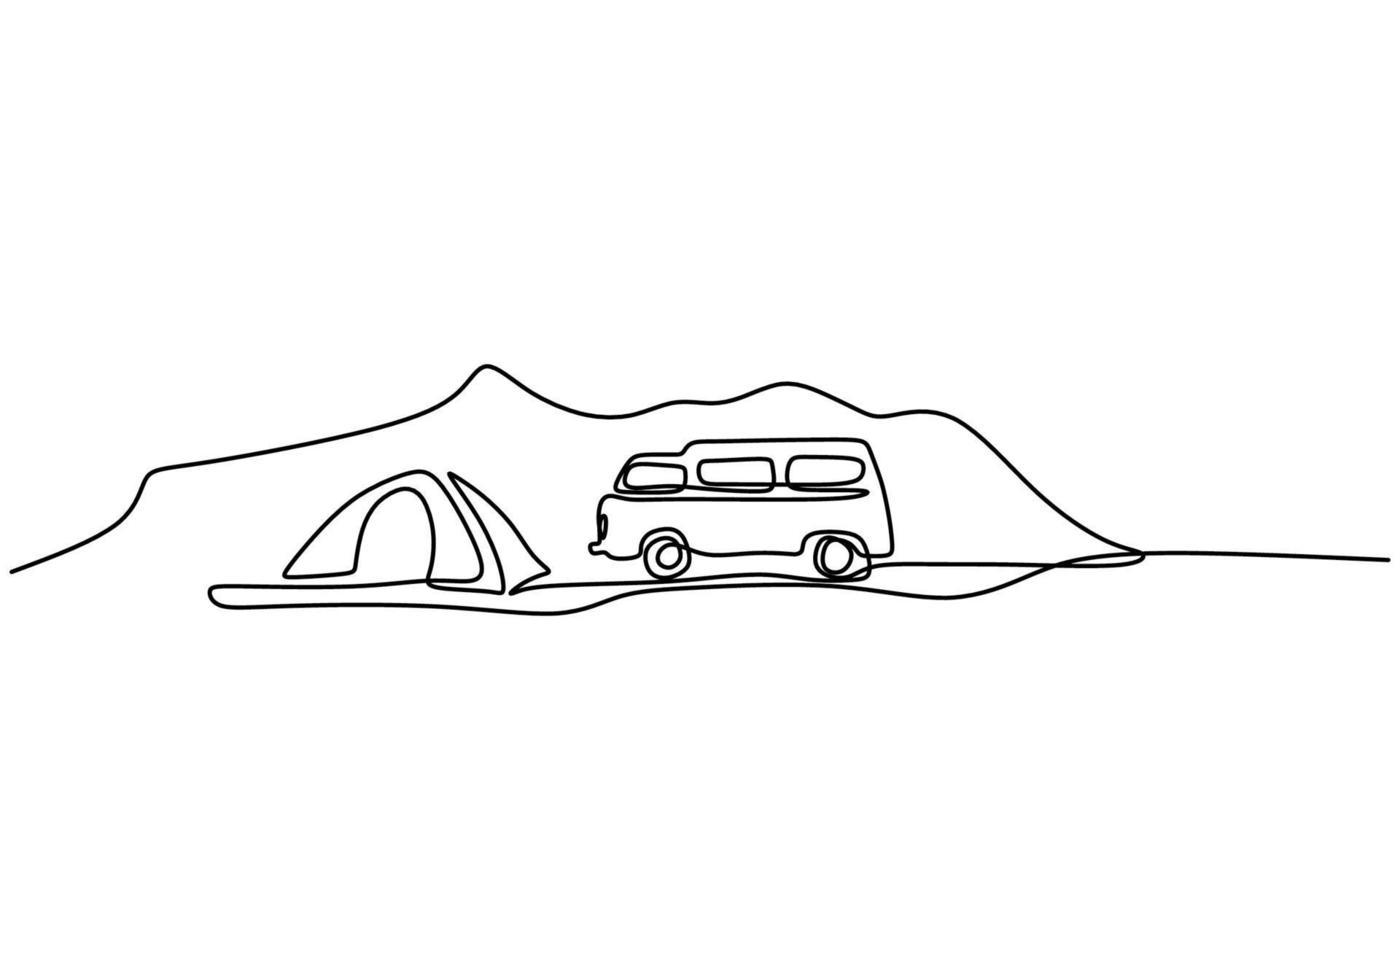 disegno linea continua camper. un camper e una tenda in montagna isolati su sfondo bianco. il concetto di muoversi in un camper, campeggio familiare, campeggio, roulotte. illustrazione vettoriale